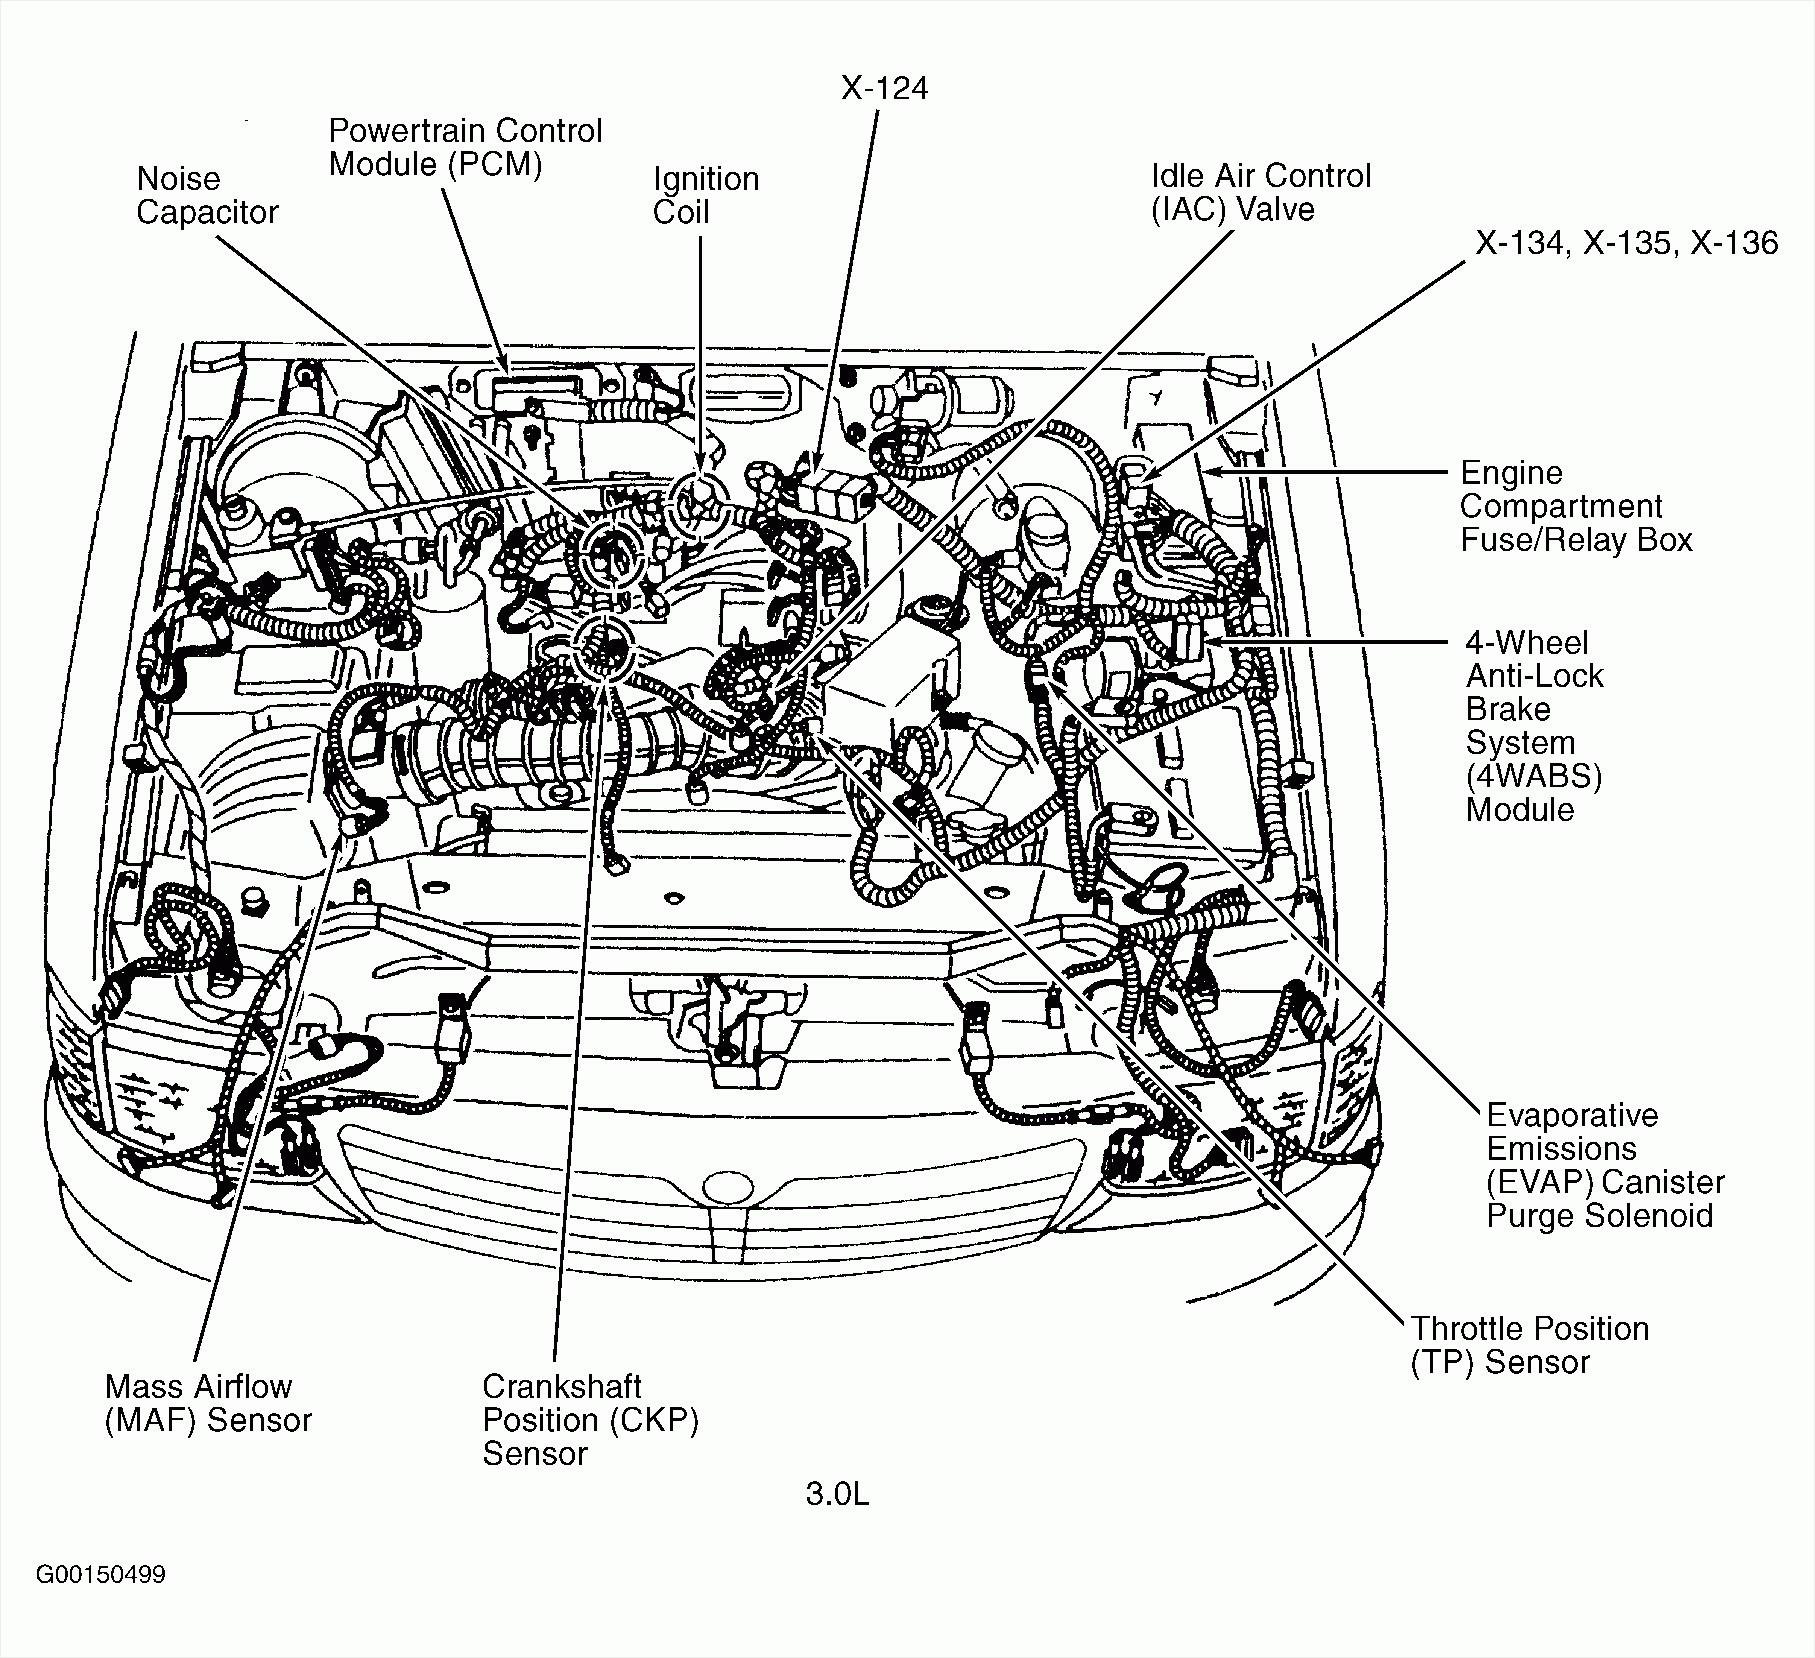 2000 Nissan Maxima Engine Diagram 2007 Maxima Engine Diagram Wiring Diagram toolbox Of 2000 Nissan Maxima Engine Diagram